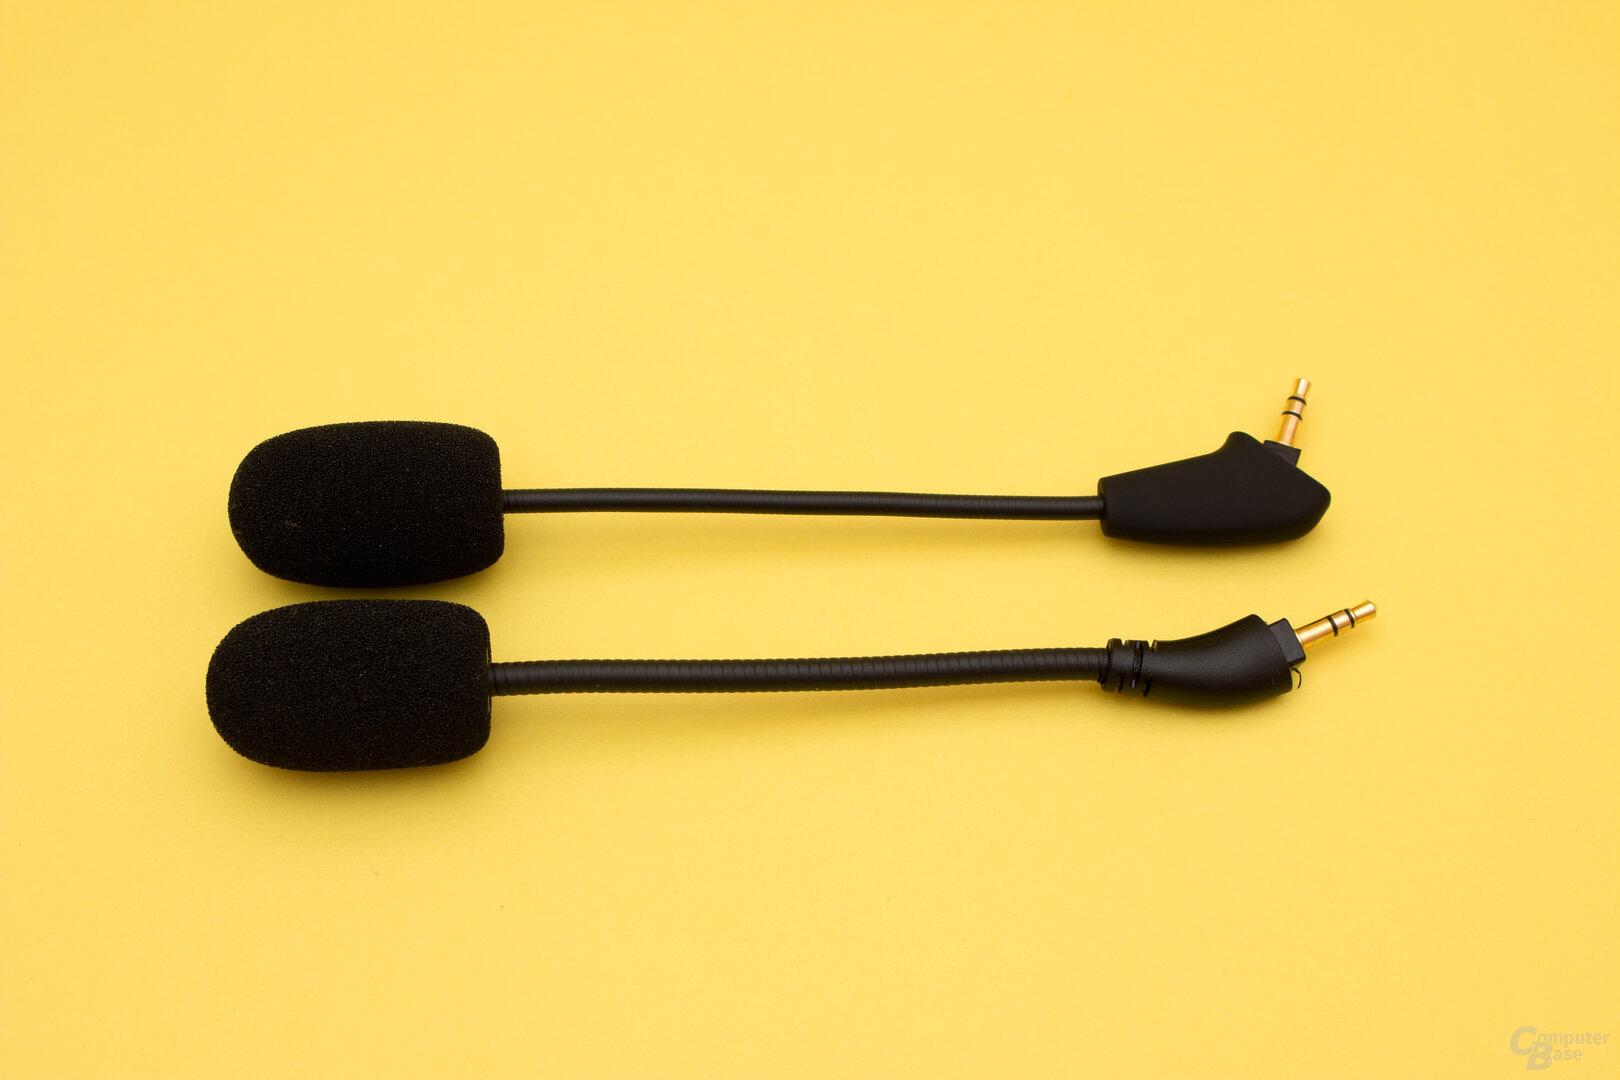 Mikrofonvergleich beim Lioncast-LX55 (USB)